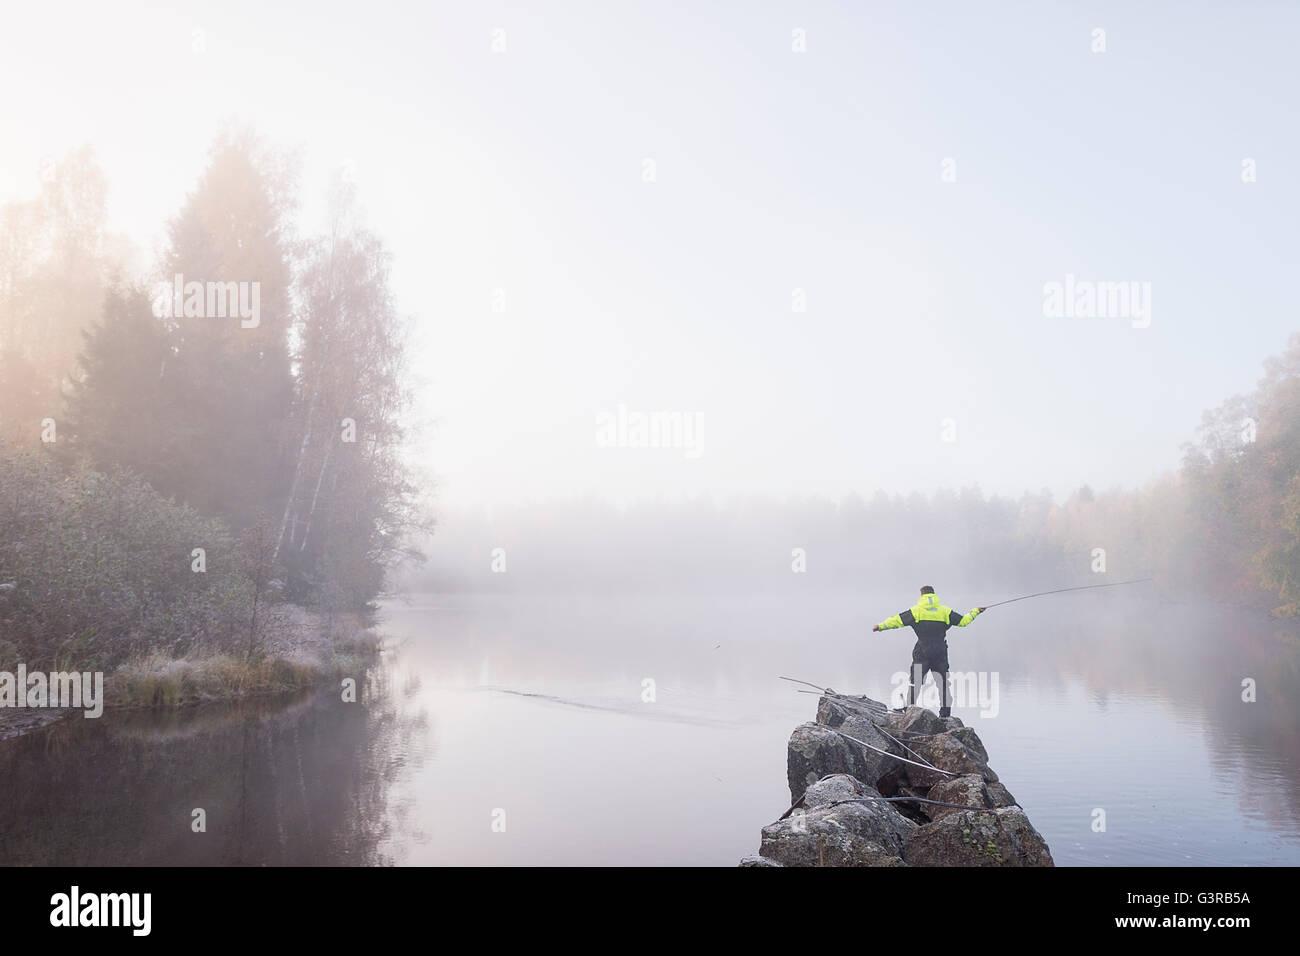 La Svezia, Vastmanland, Bergslagen, Torrvarpen, giovane la pesca in lago su nebbioso giorno Immagini Stock